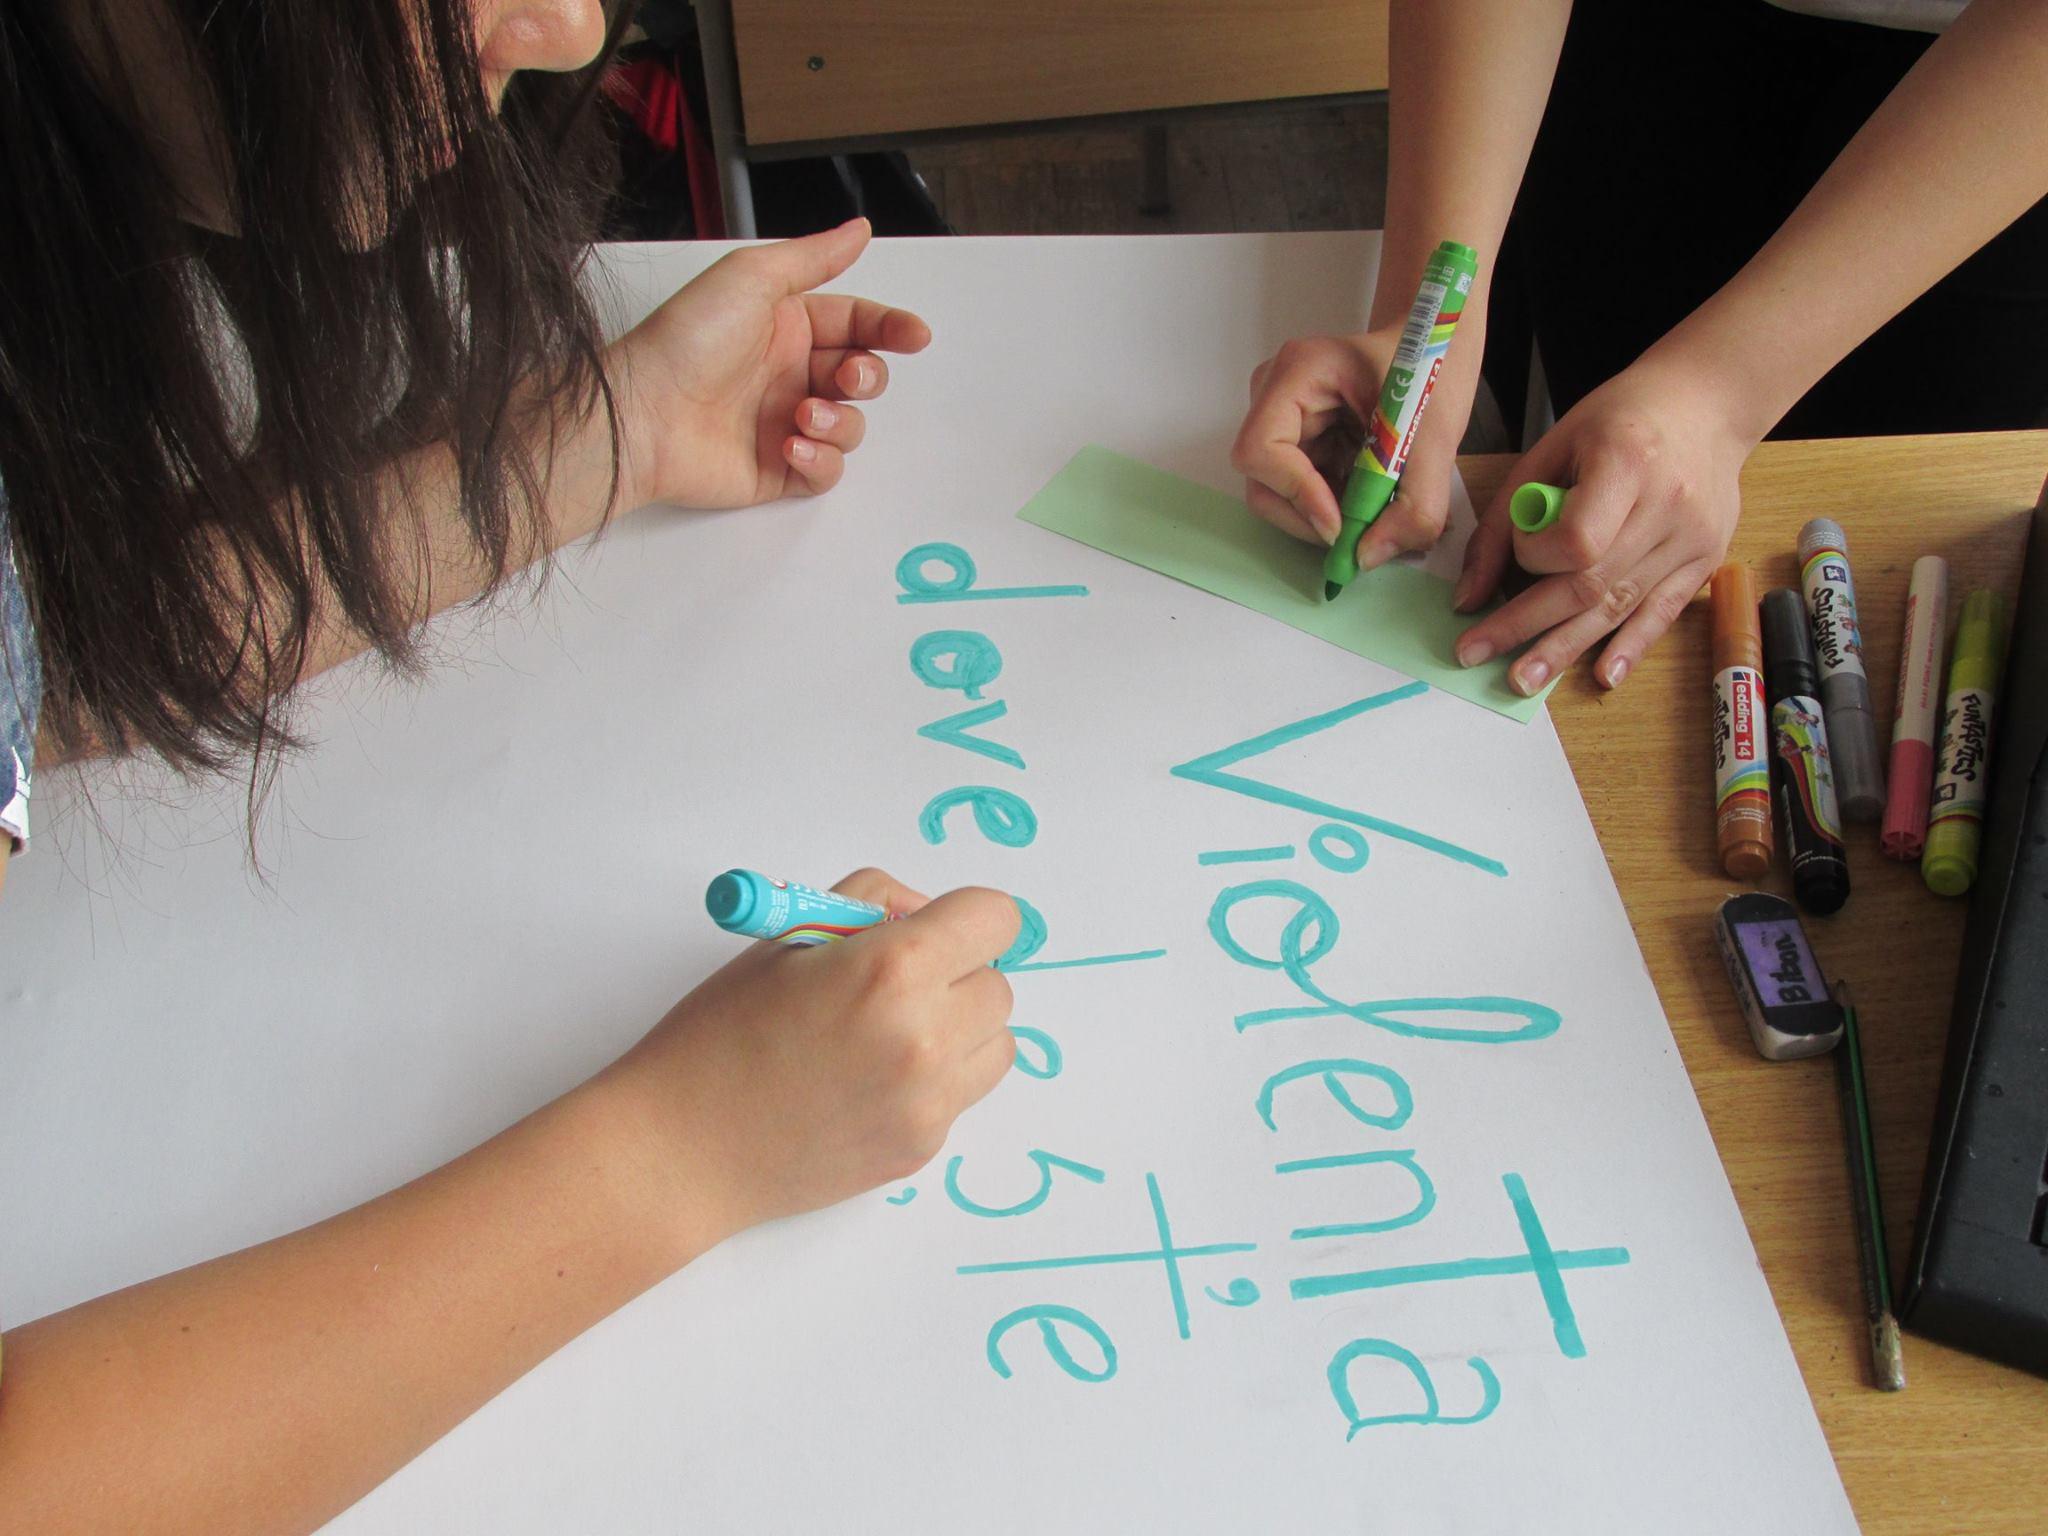 15 Proiect Viata fara Violena - Ana Hristea - clasa a-IX-a B – Colegiul National Mihai Eminescu